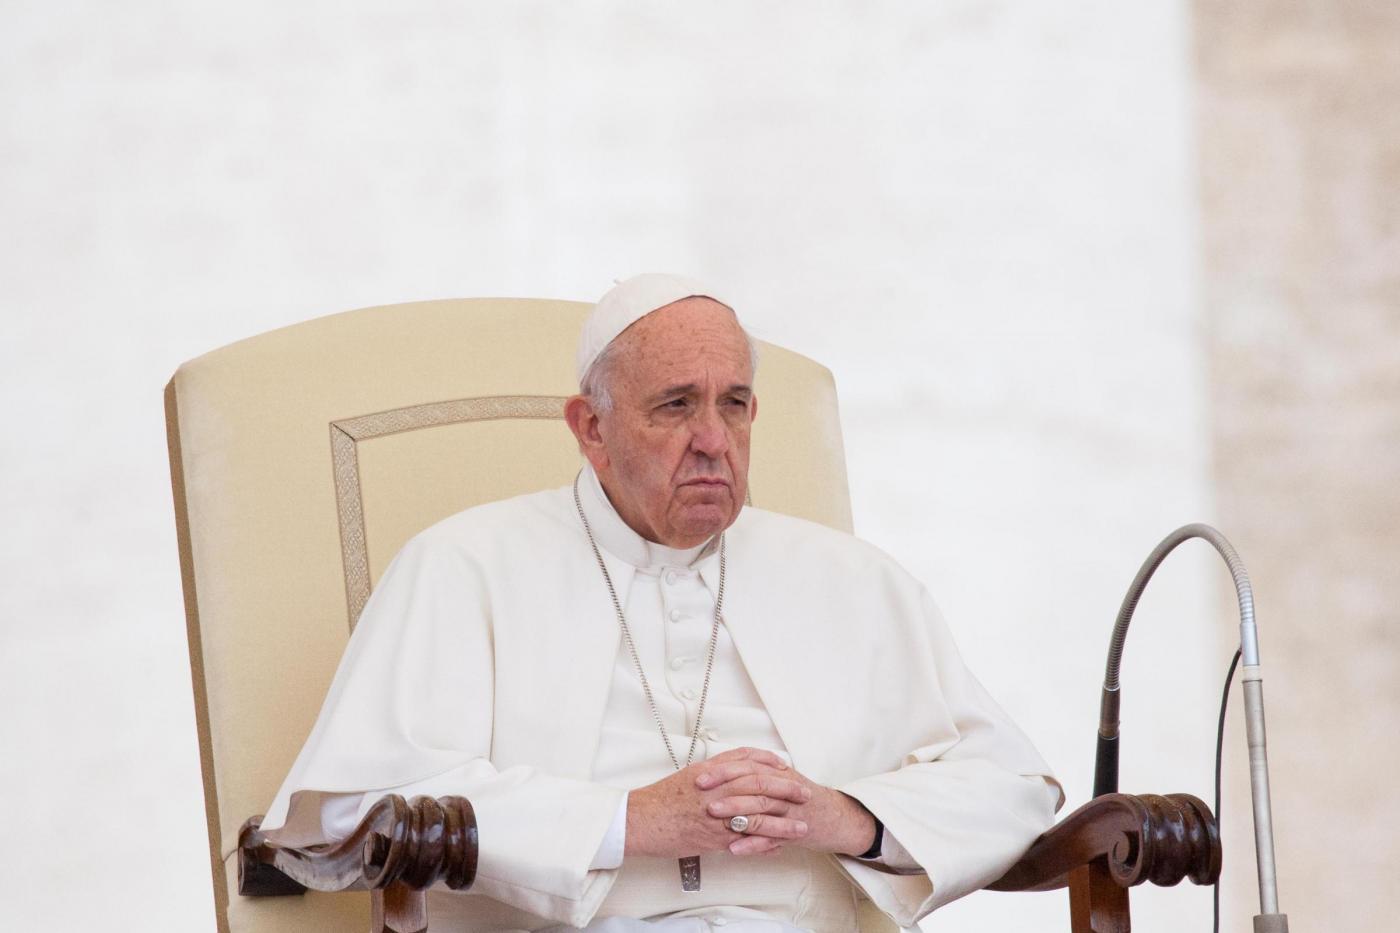 Papa Francesco malato di tumore? Il mistero fra indiscrezioni e smentite